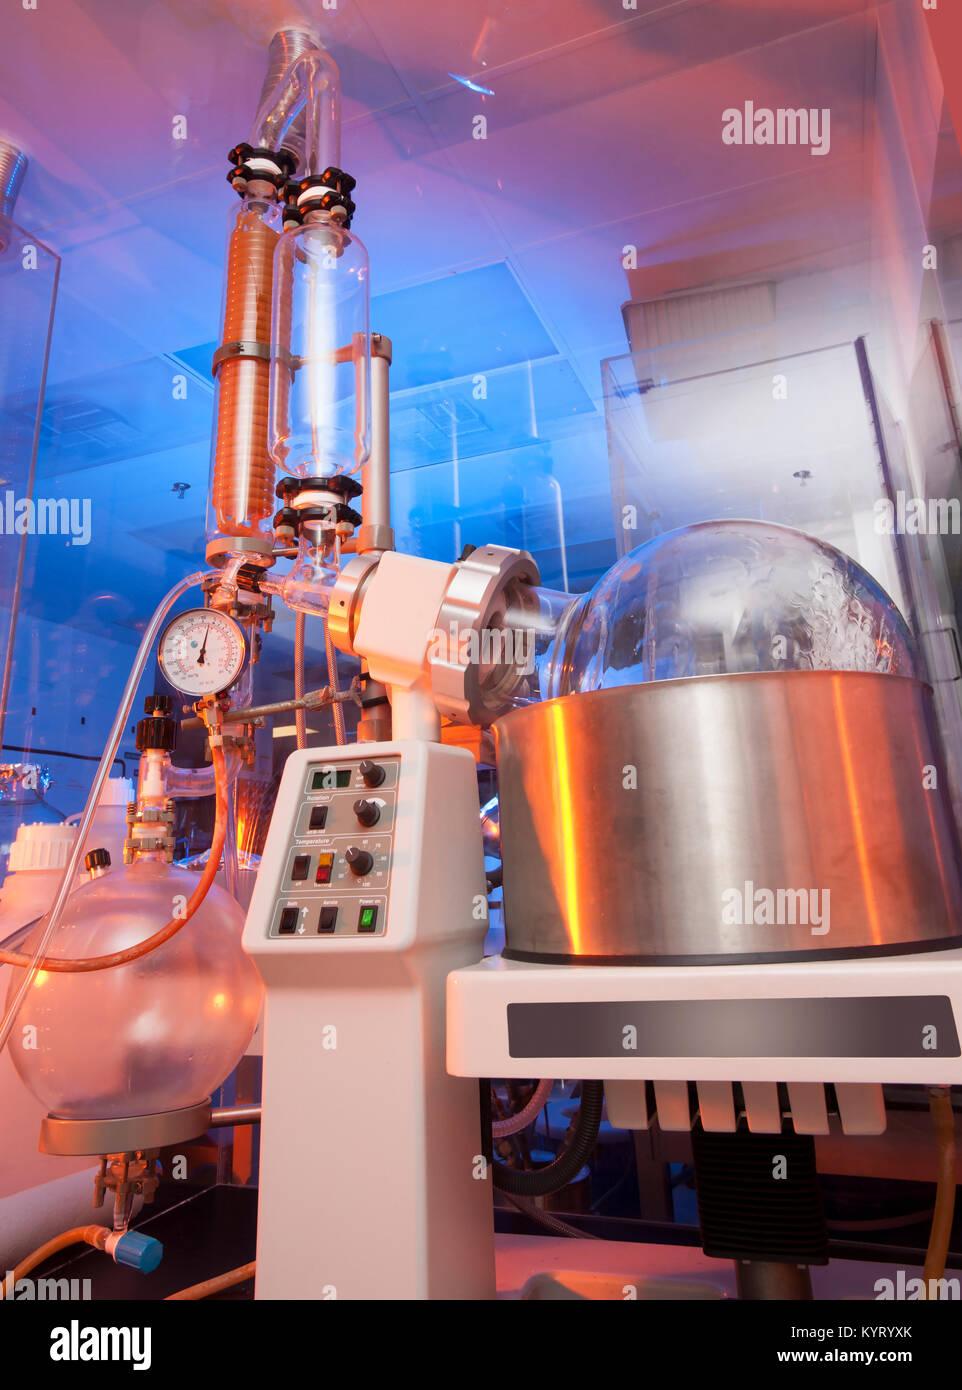 Chemische und Medizinische Biologie Labor Forschung Glaswaren Stockbild